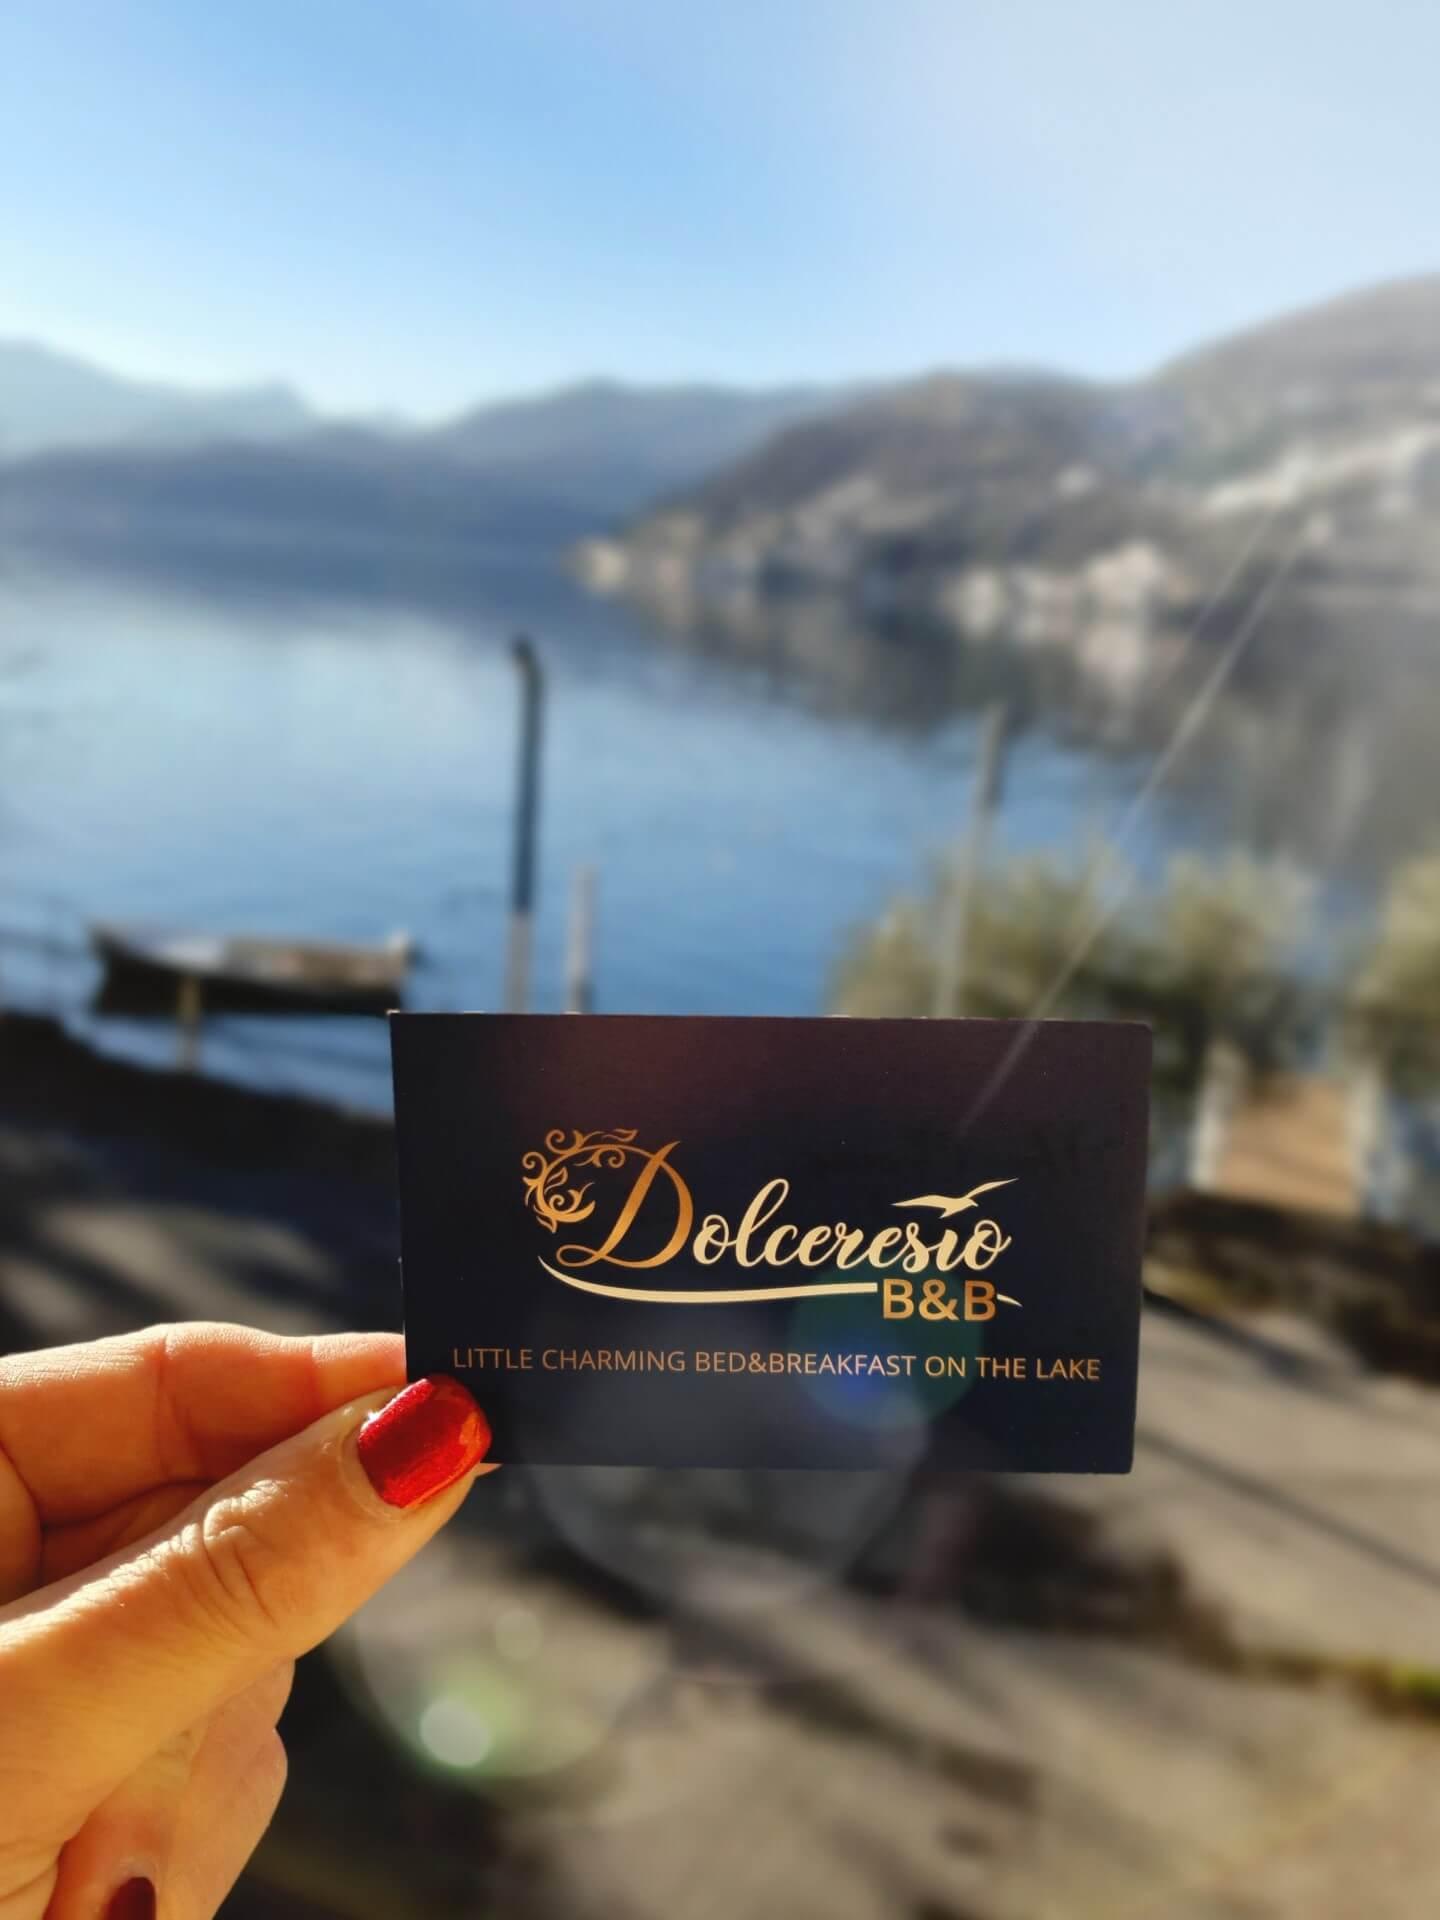 Dolceresio Lugano Lake B&B, Brusino Arsizio - Home - Biglietto visita